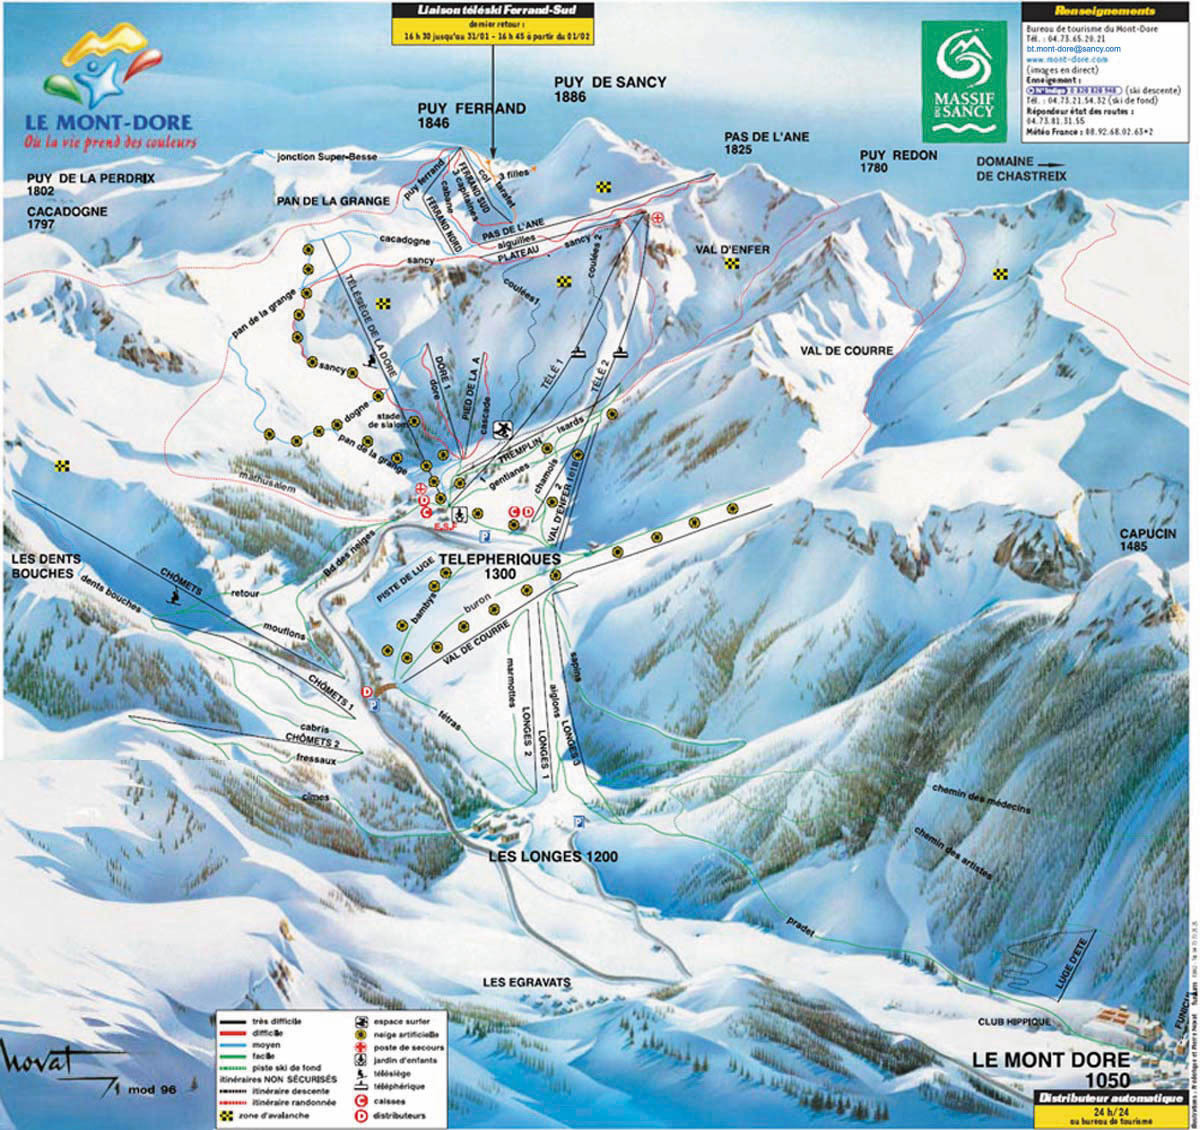 le mont dore ski resort guide location map le mont dore ski accommodation